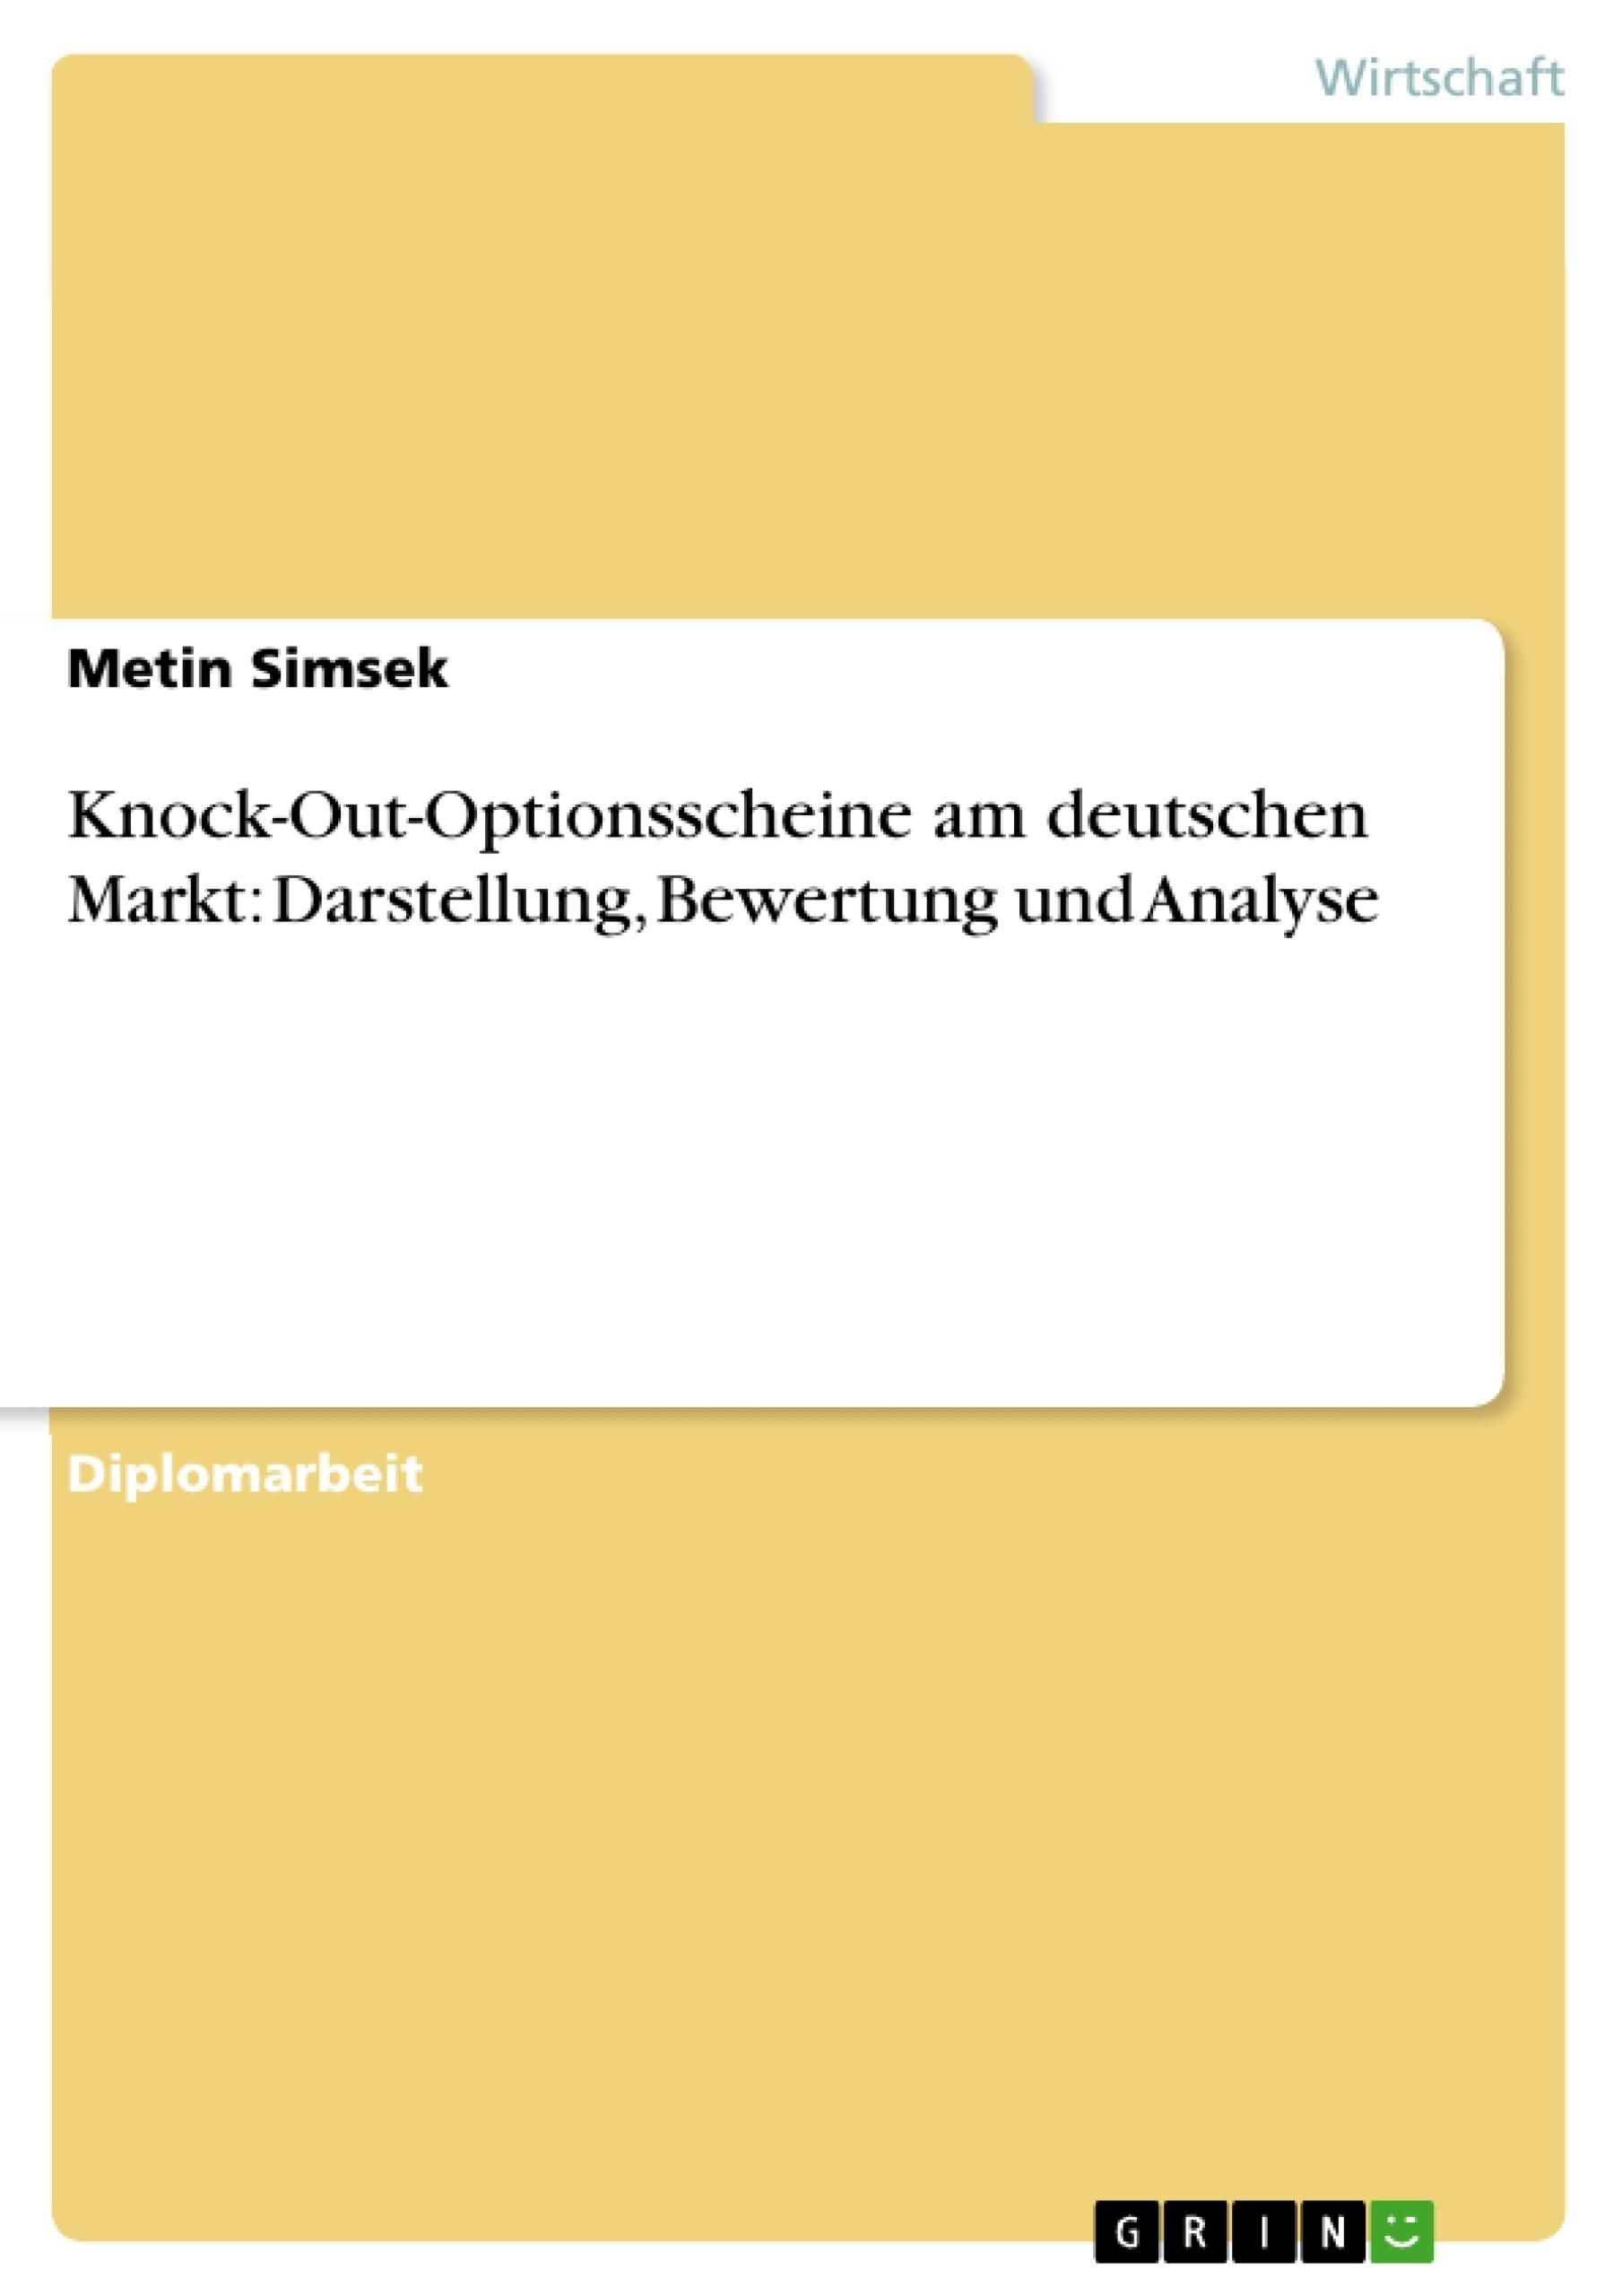 Titel: Knock-Out-Optionsscheine am deutschen Markt: Darstellung, Bewertung und Analyse